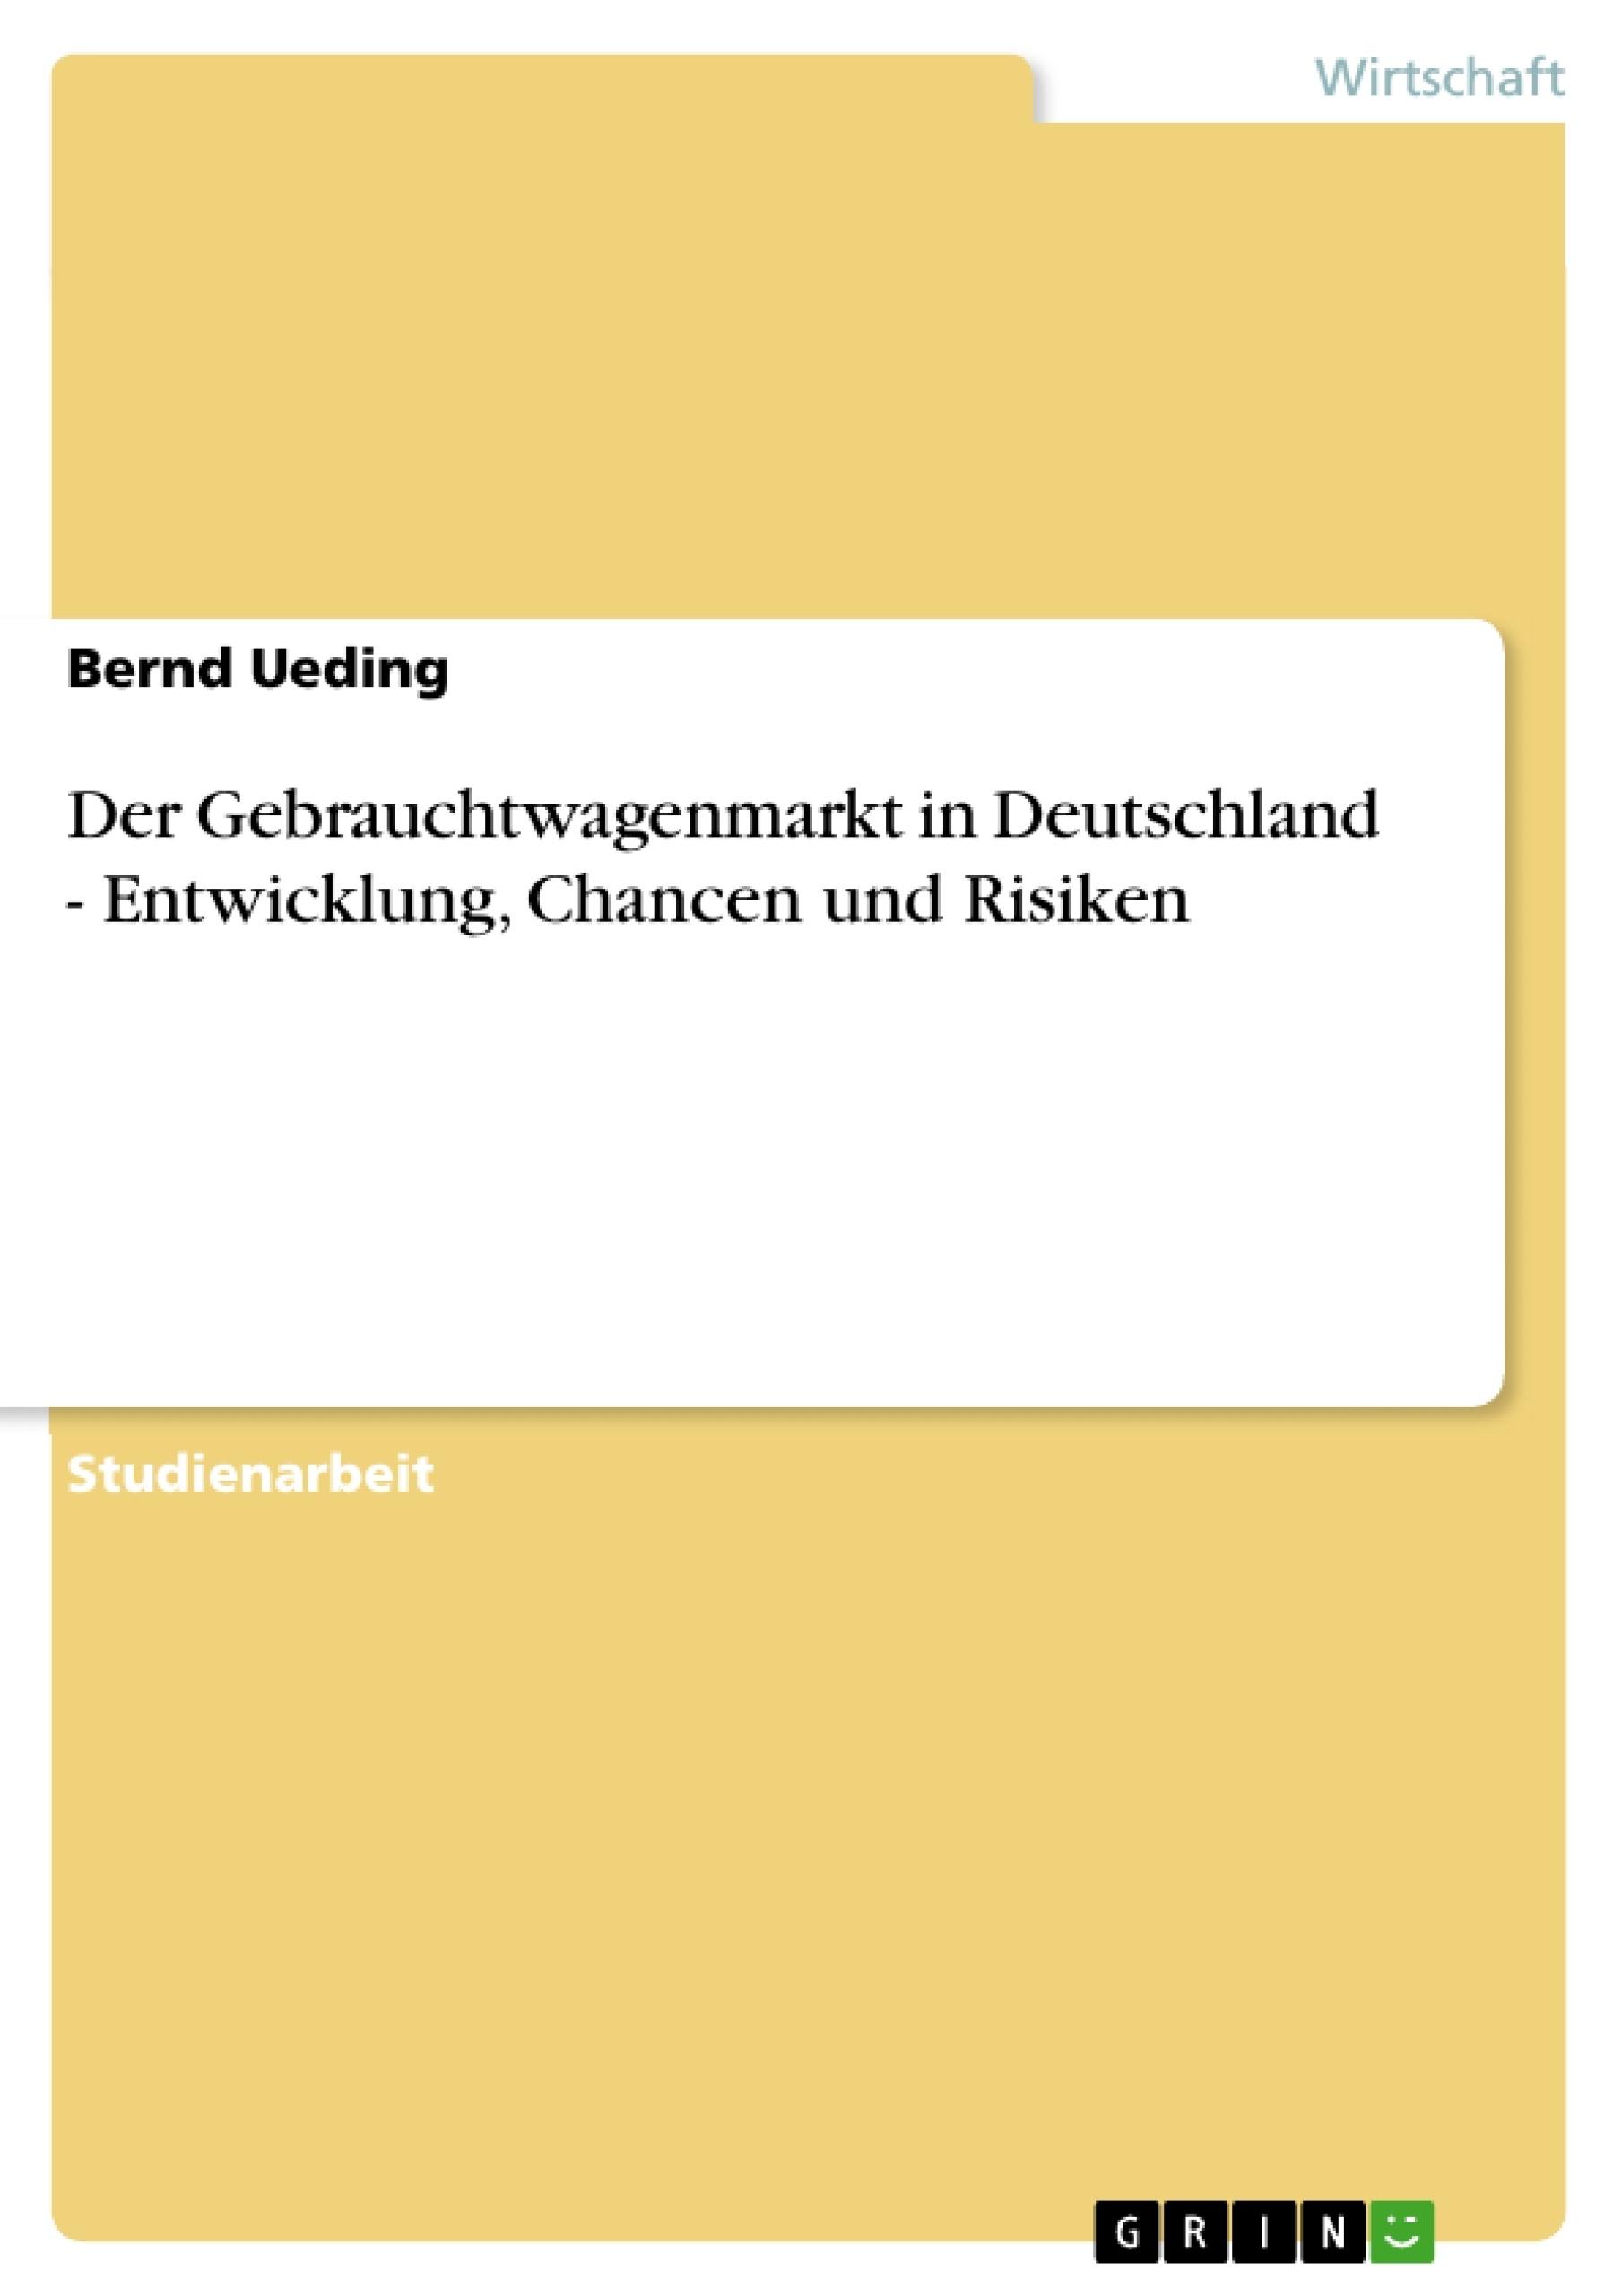 Titel: Der Gebrauchtwagenmarkt in Deutschland - Entwicklung, Chancen und Risiken